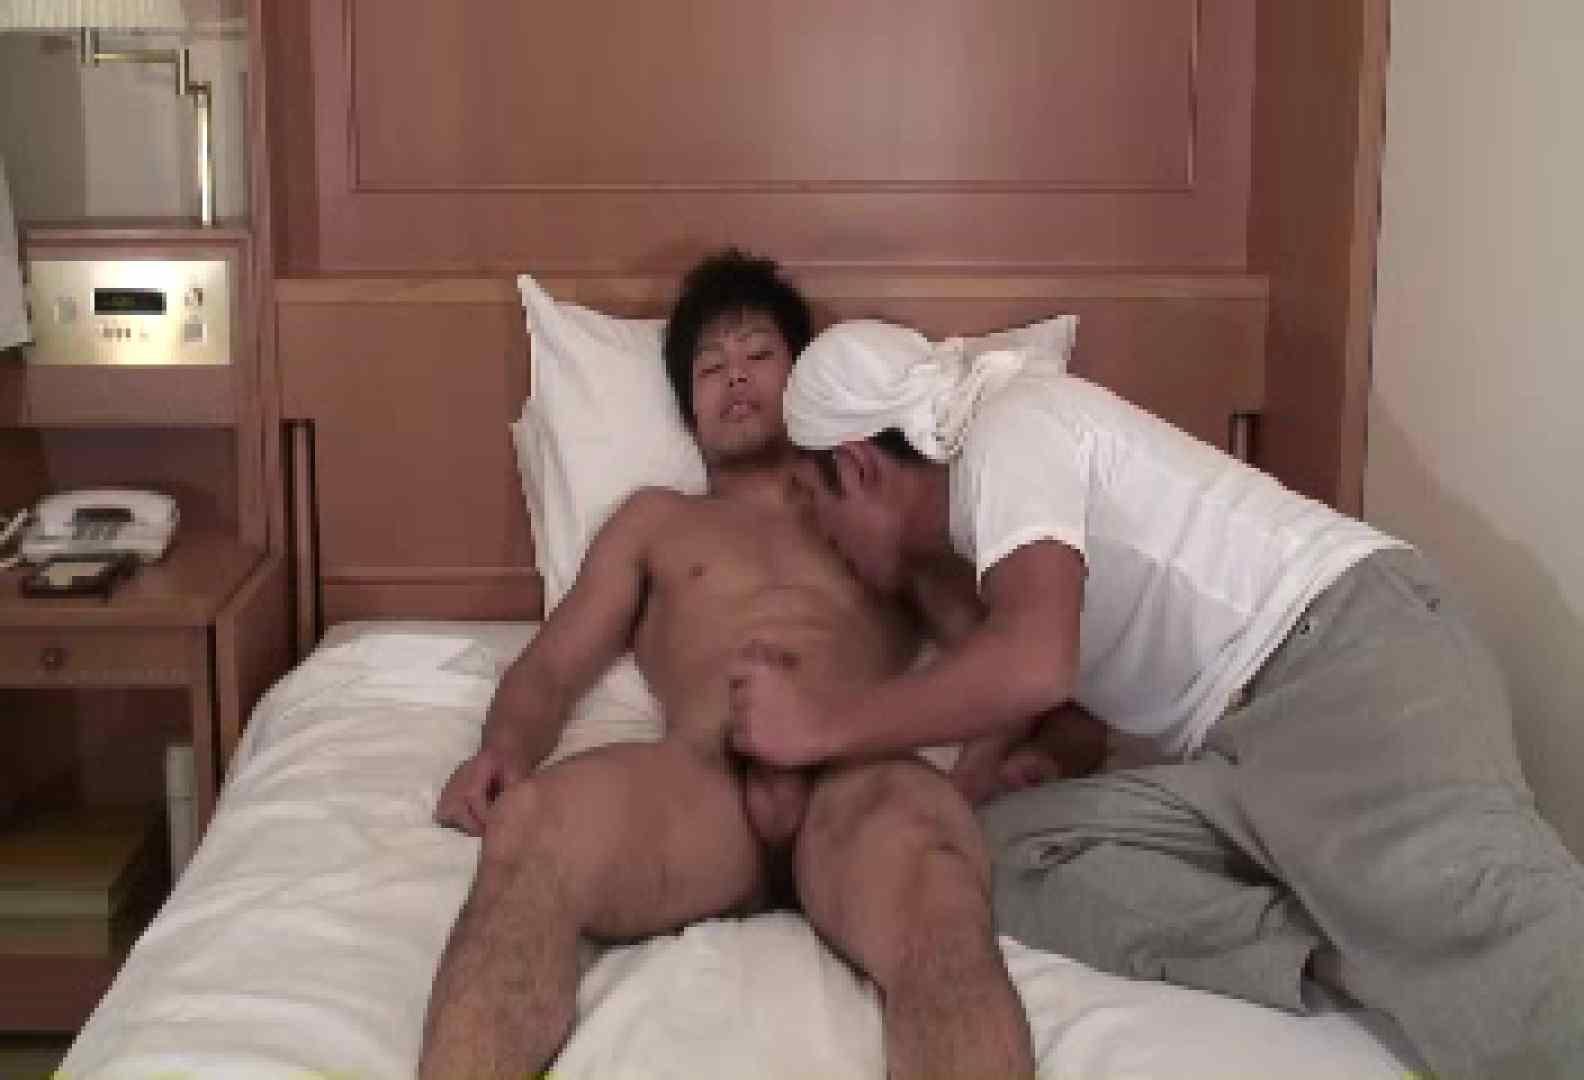 スリ筋!!Nice Finish!!vol.01 男の世界 | 射精男  77画像 37